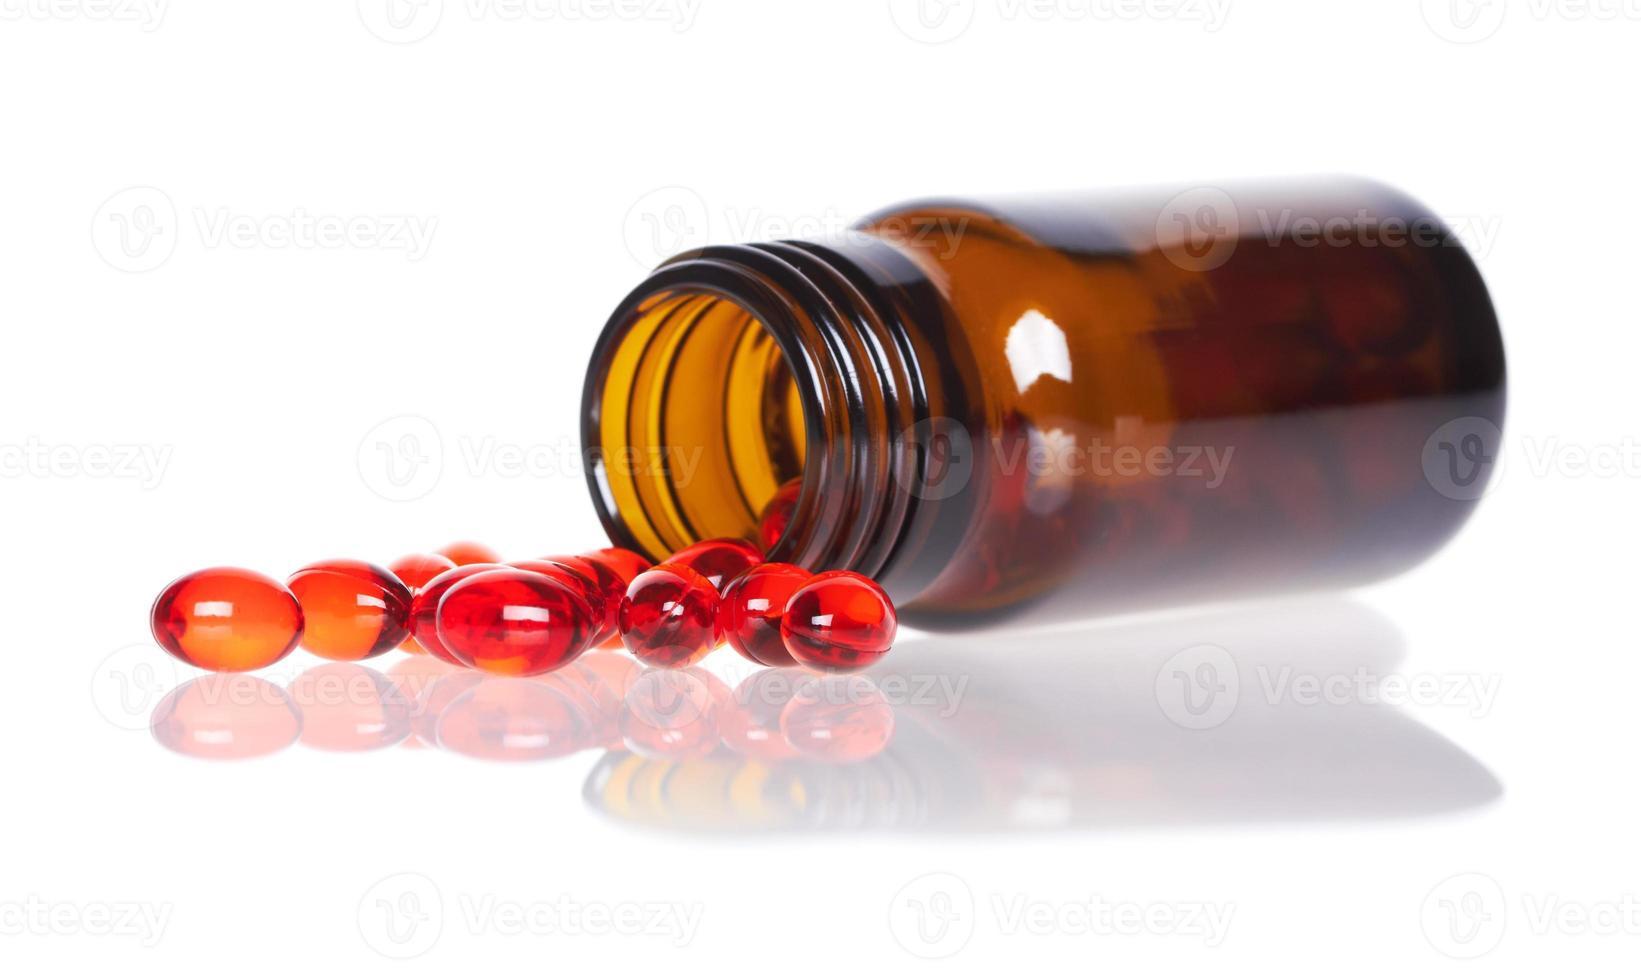 rote Pillen eine Tablettenfläschchen foto